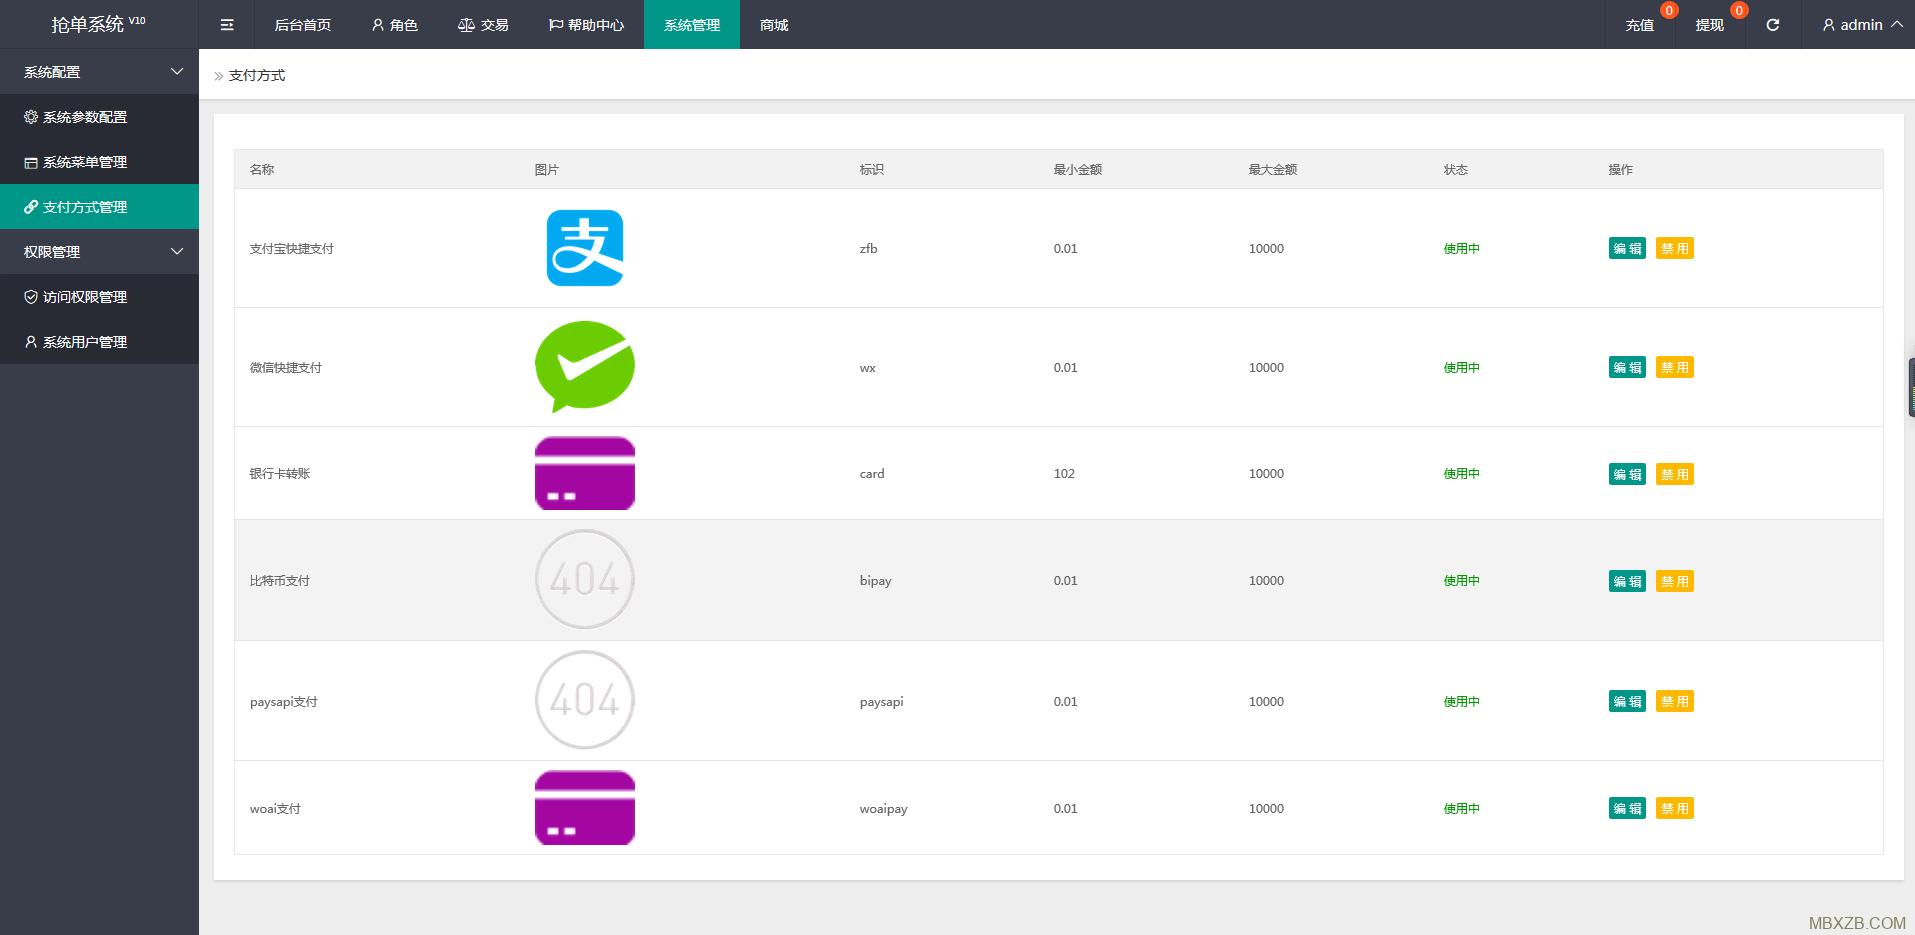 【运营版】最新自动抢单系统V10修复版+详细安装说明 免费安装